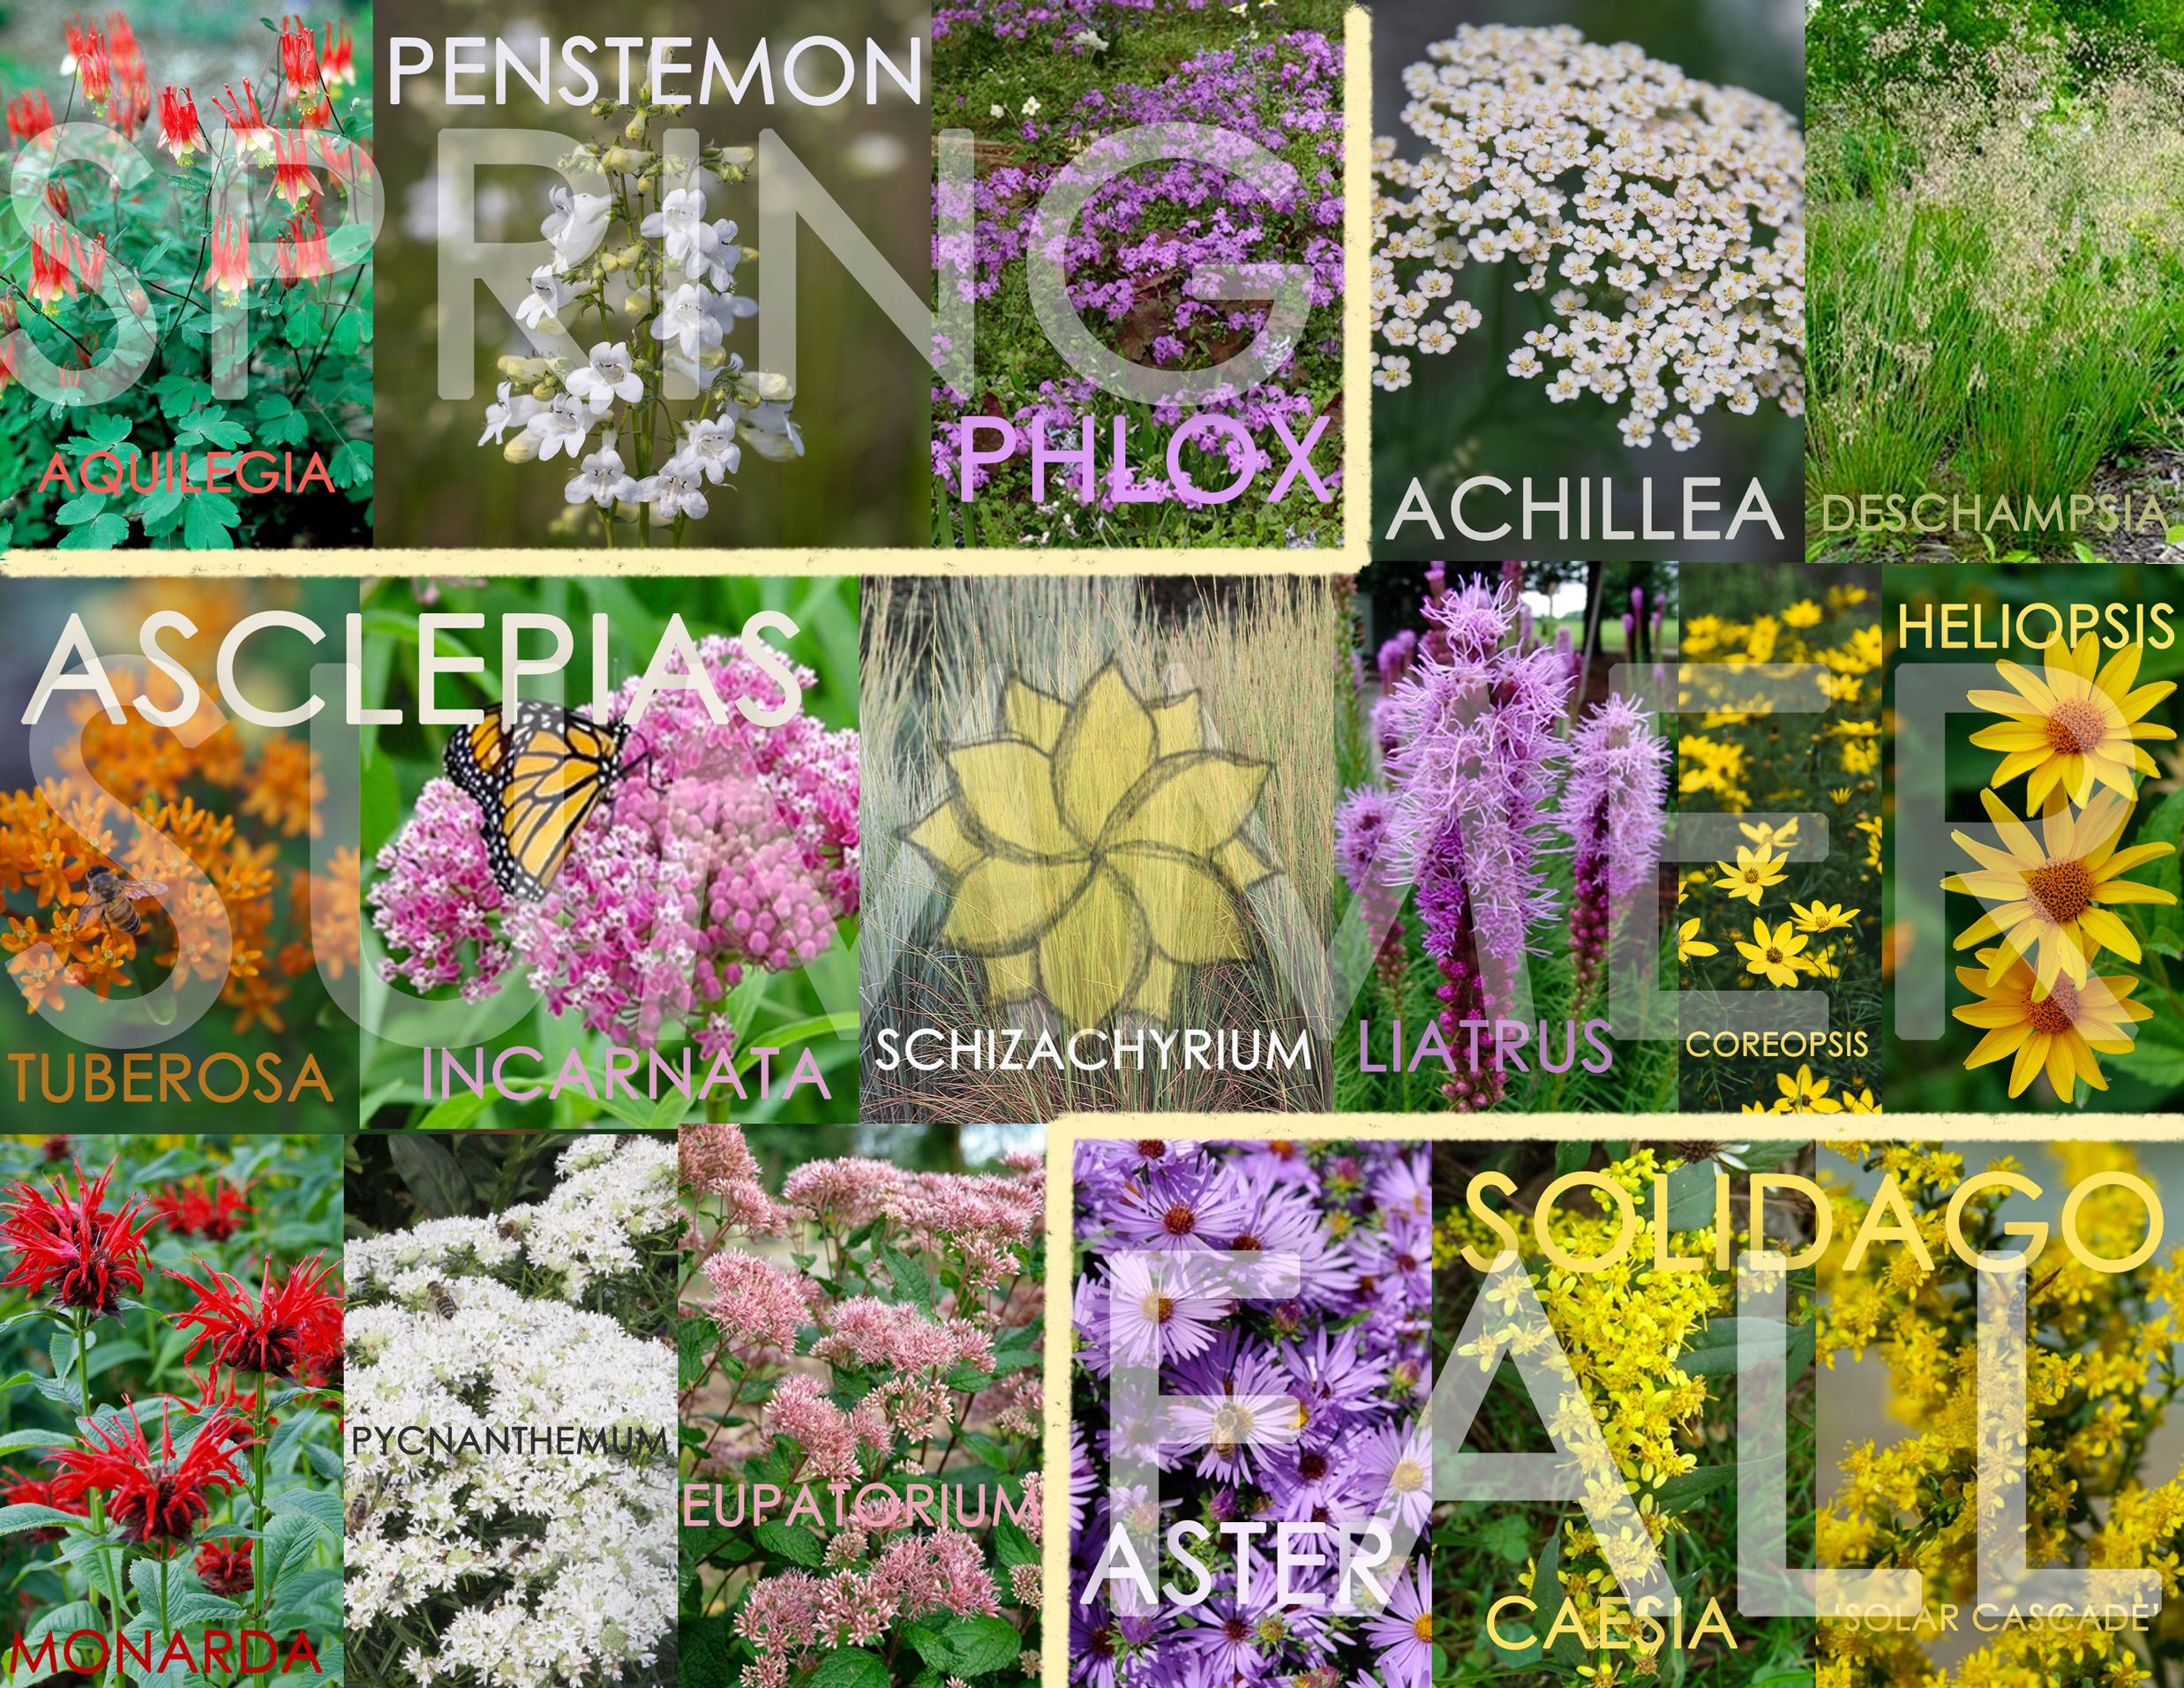 5-Burbank-Wildflower-Collage-GABD-COMPASS-WATERMARK.jpg